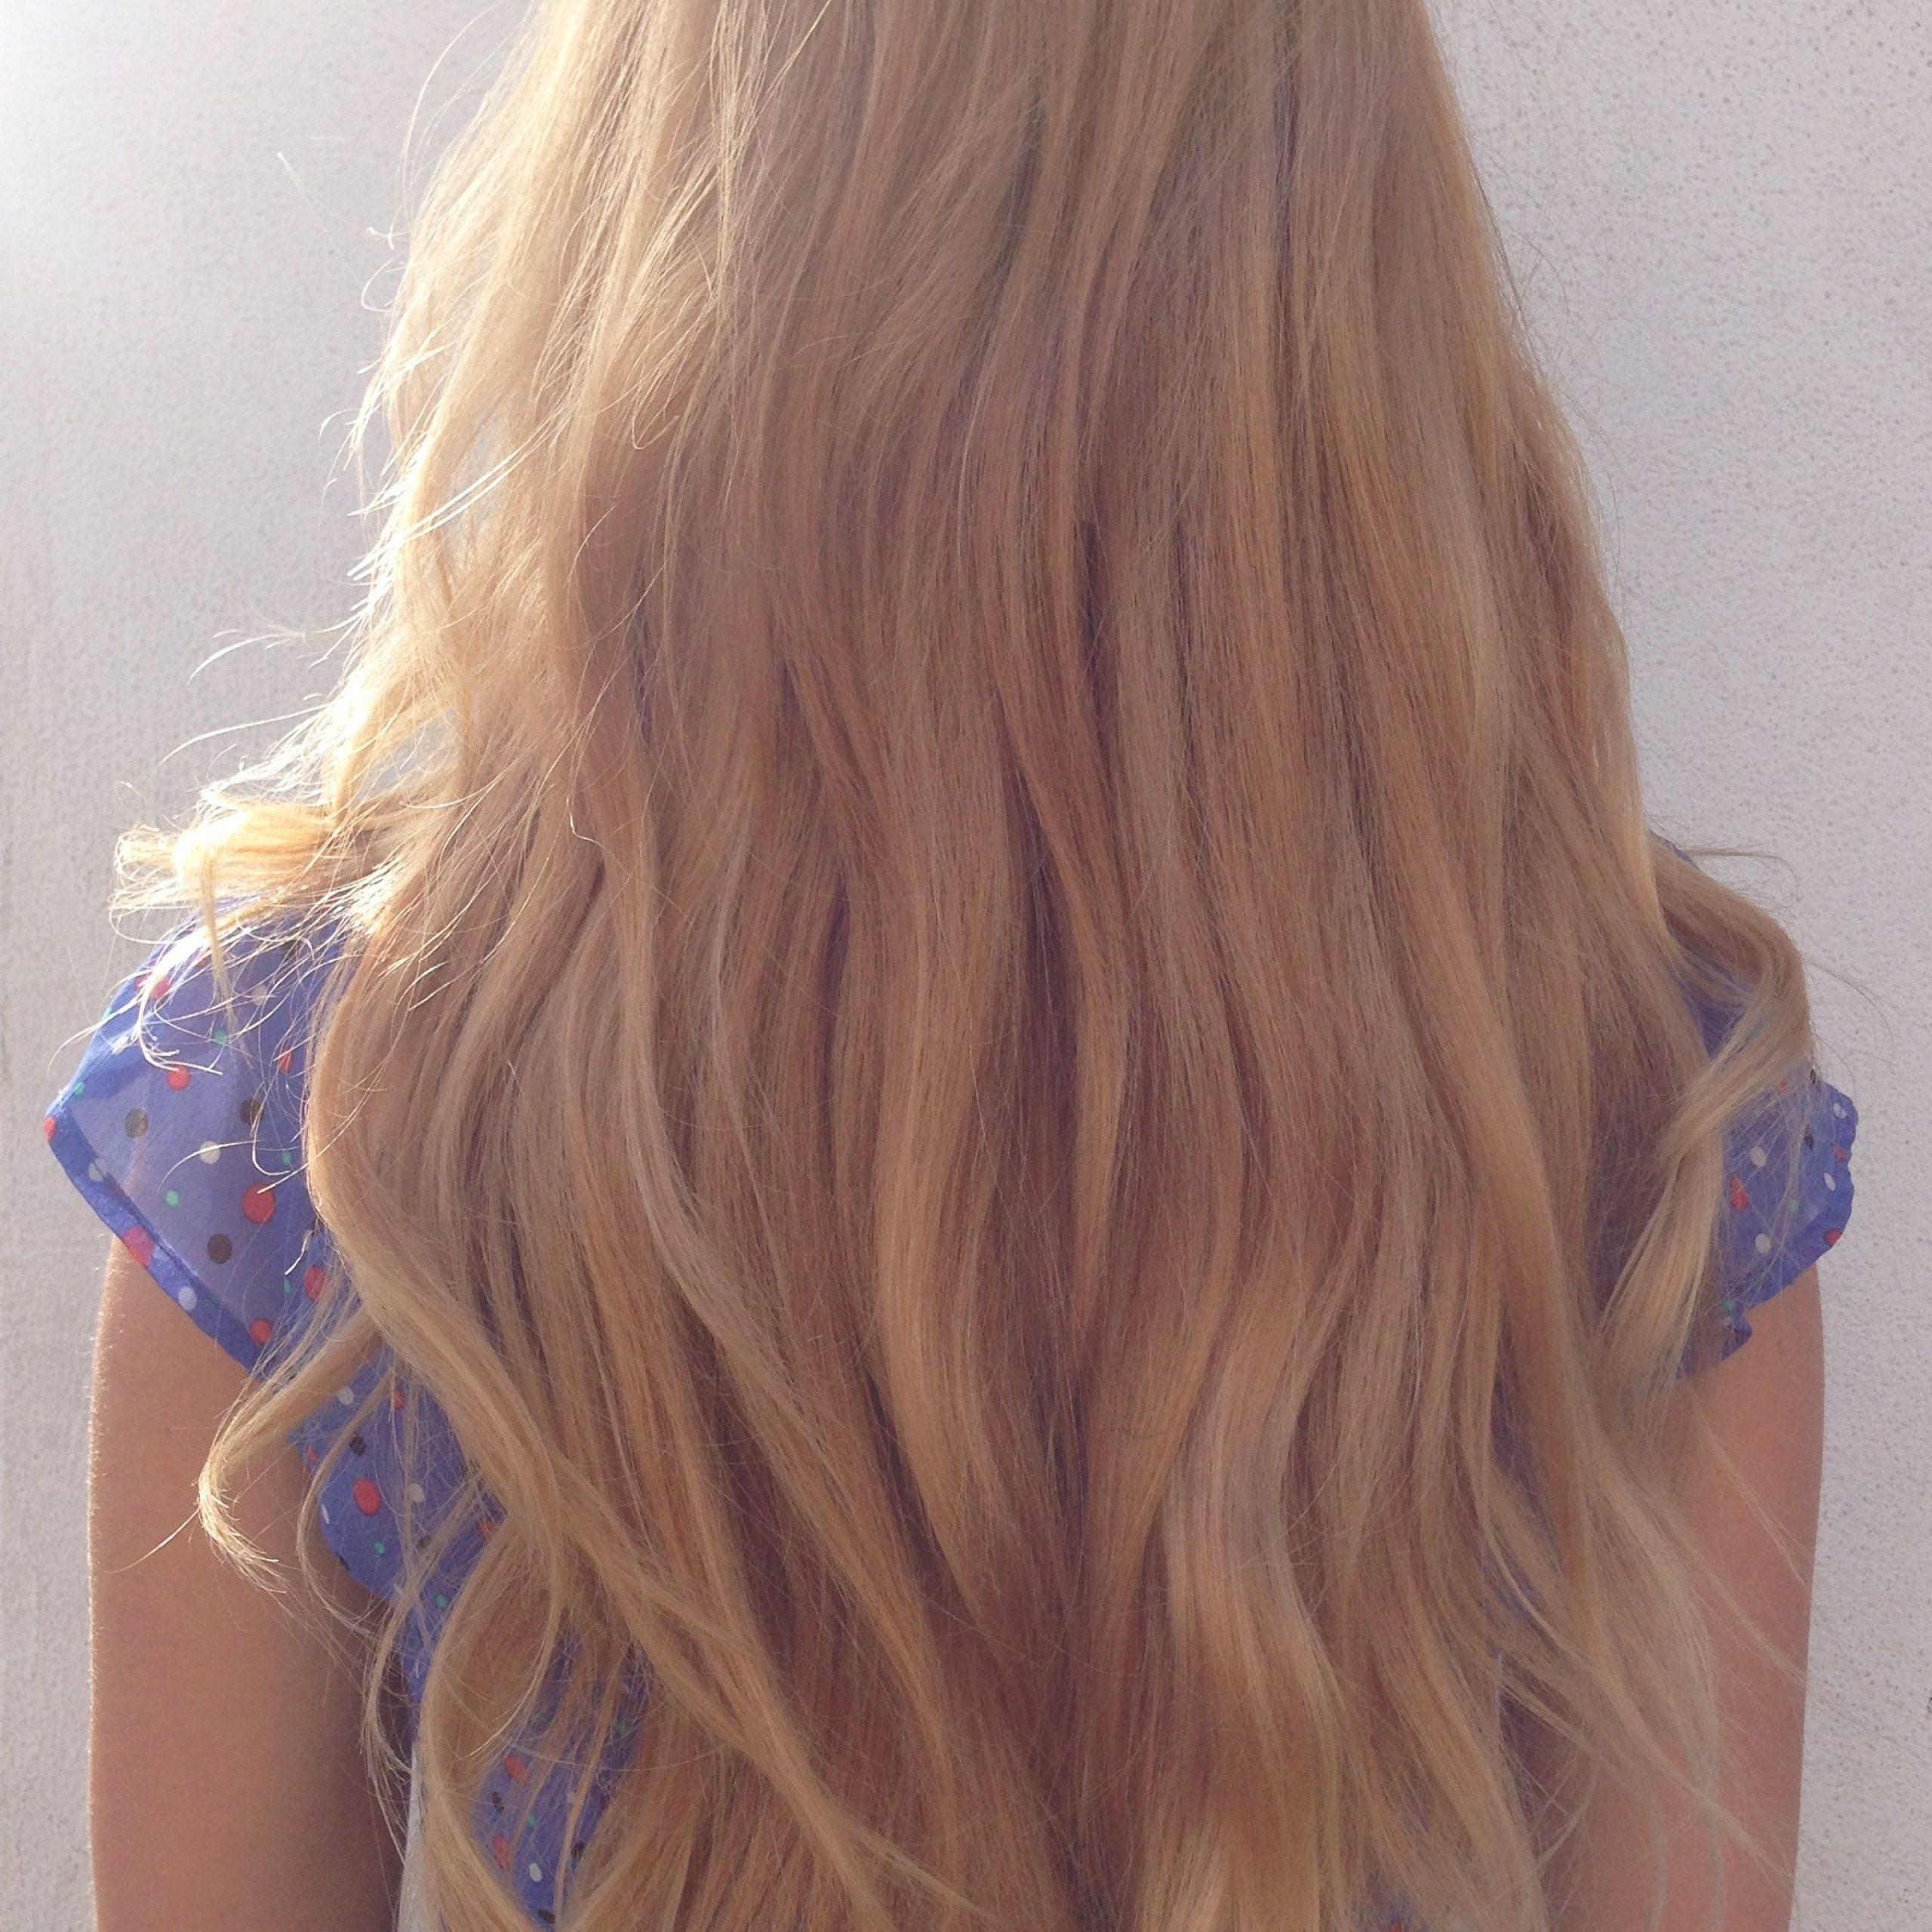 Pin On Hair Designtara Regarding Strawberry Blonde Balayage Hairstyles (View 15 of 20)